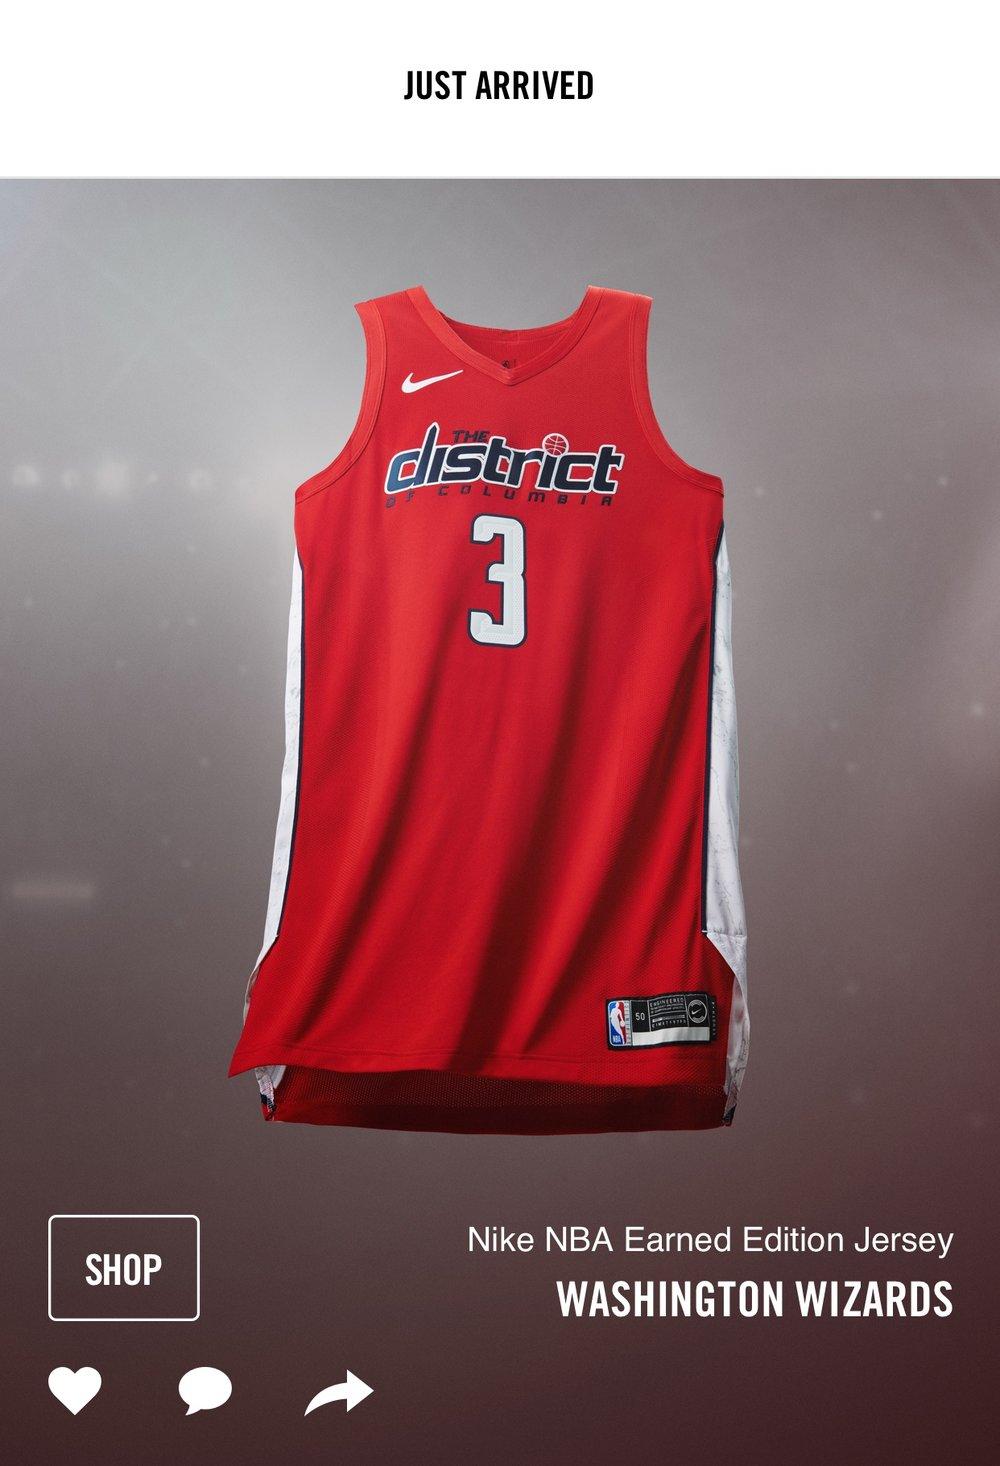 Nike_NBA_EE_Washington_Wizards_APP_FeedCard_NoCTA.jpg